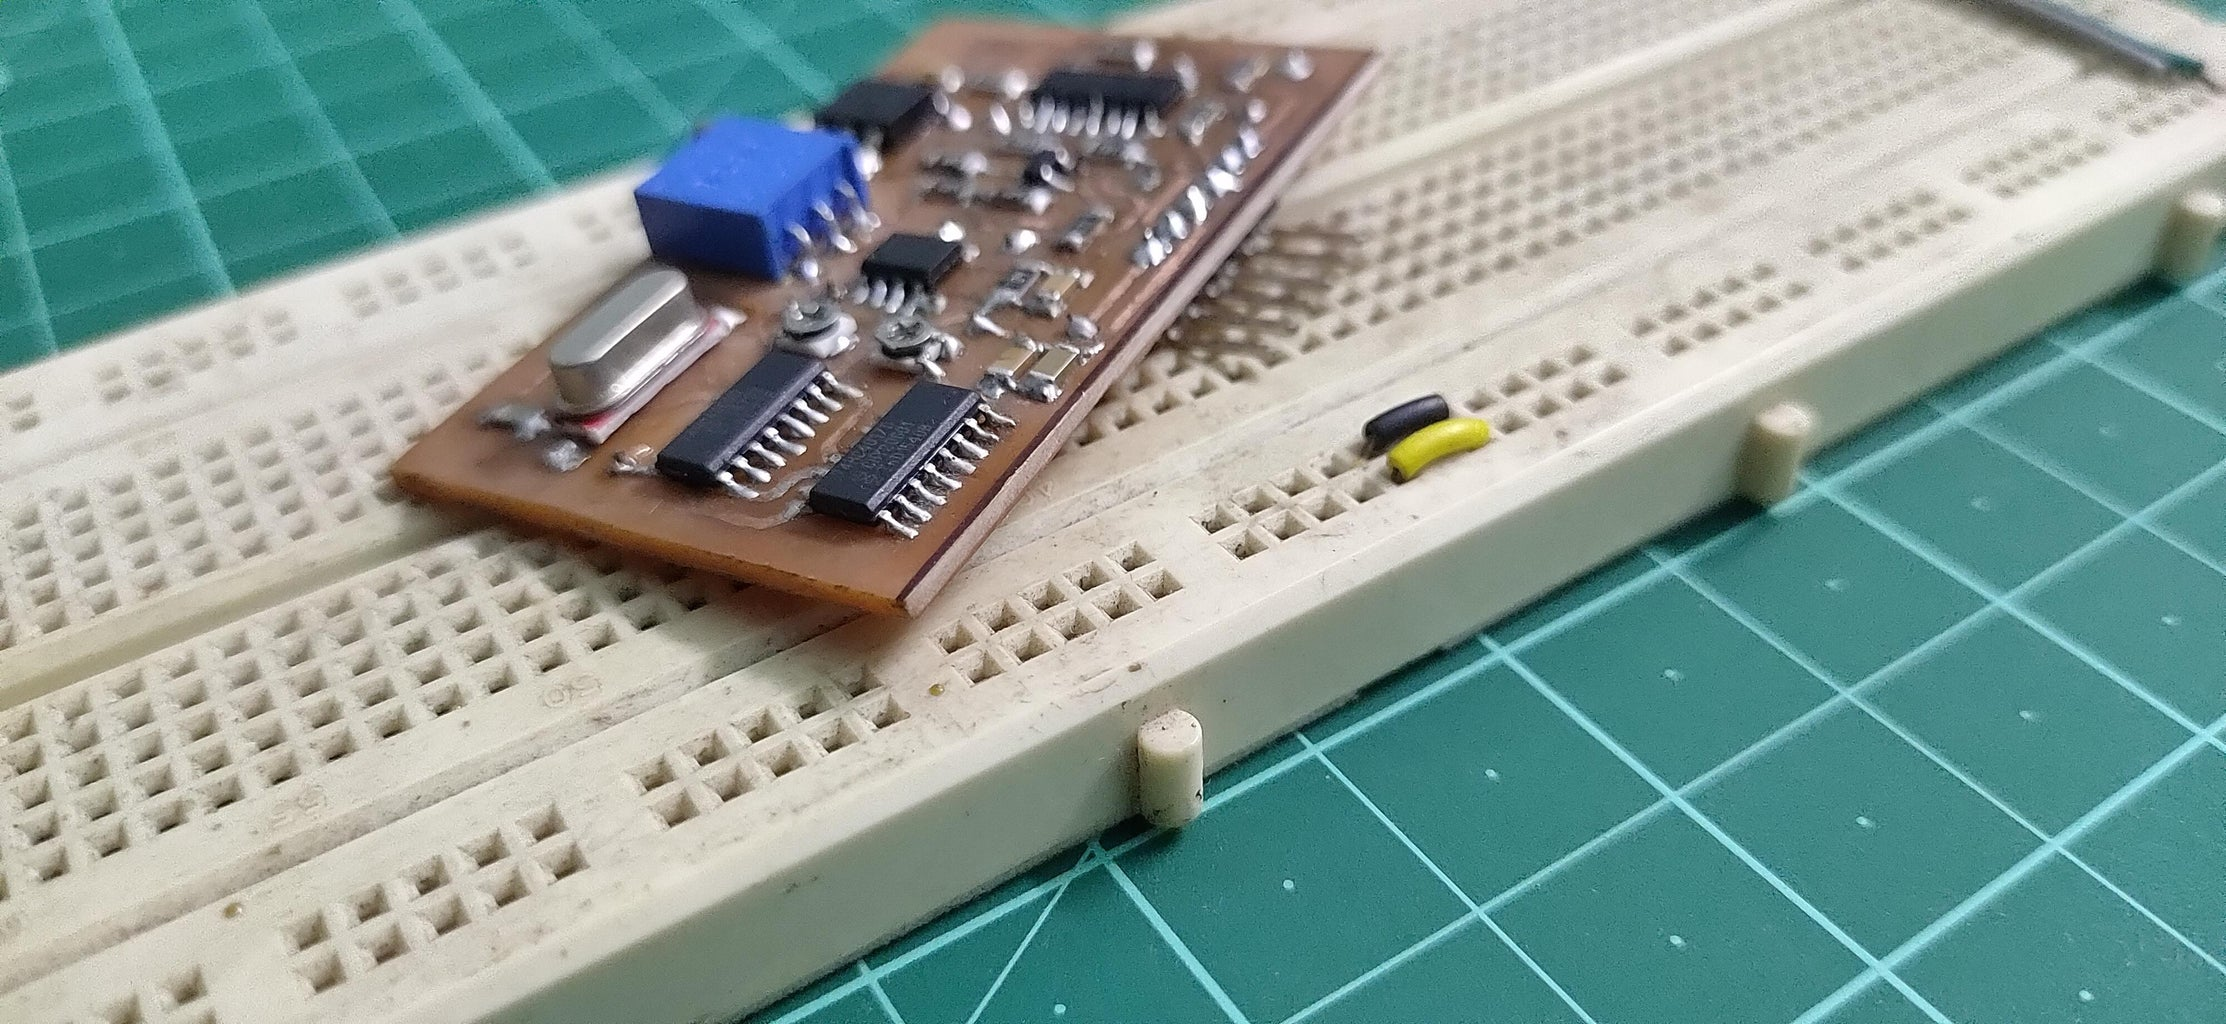 Testing the Module